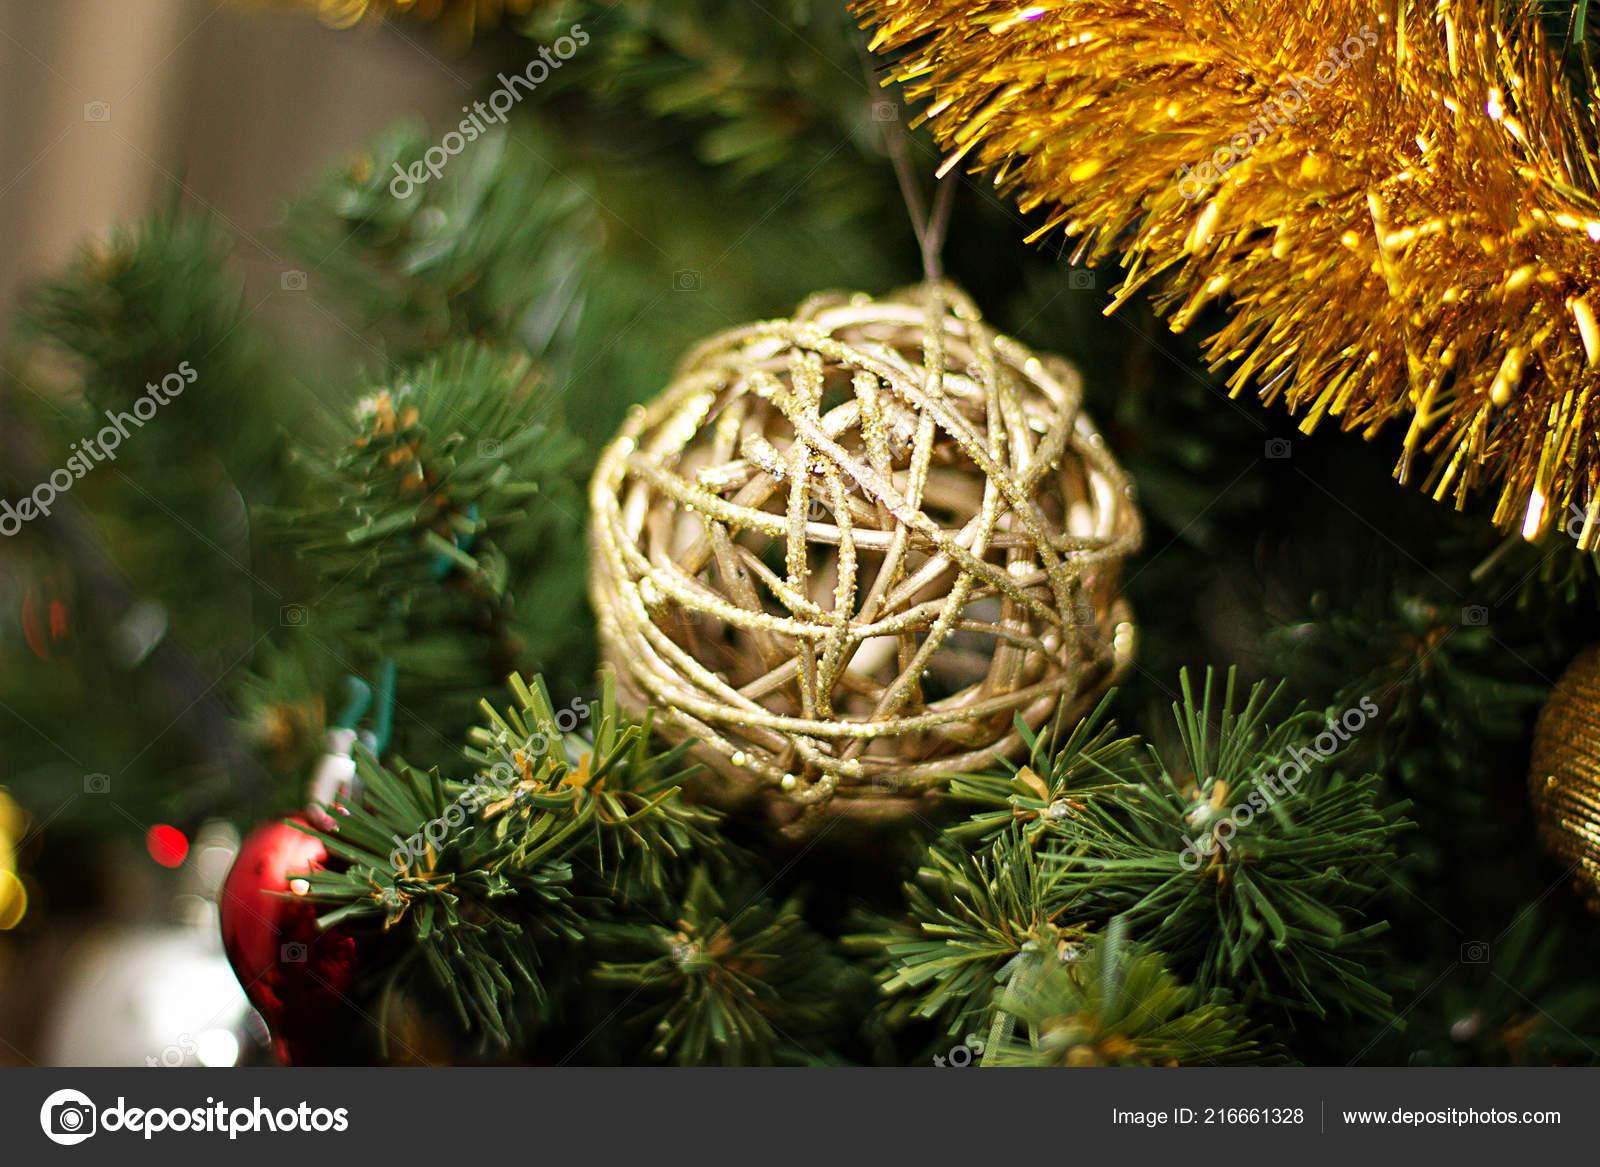 Weihnachtsbaum Rattan.Weihnachten Neujahr Baum Rattan Kugel Gold Mit Einer Geige Auf